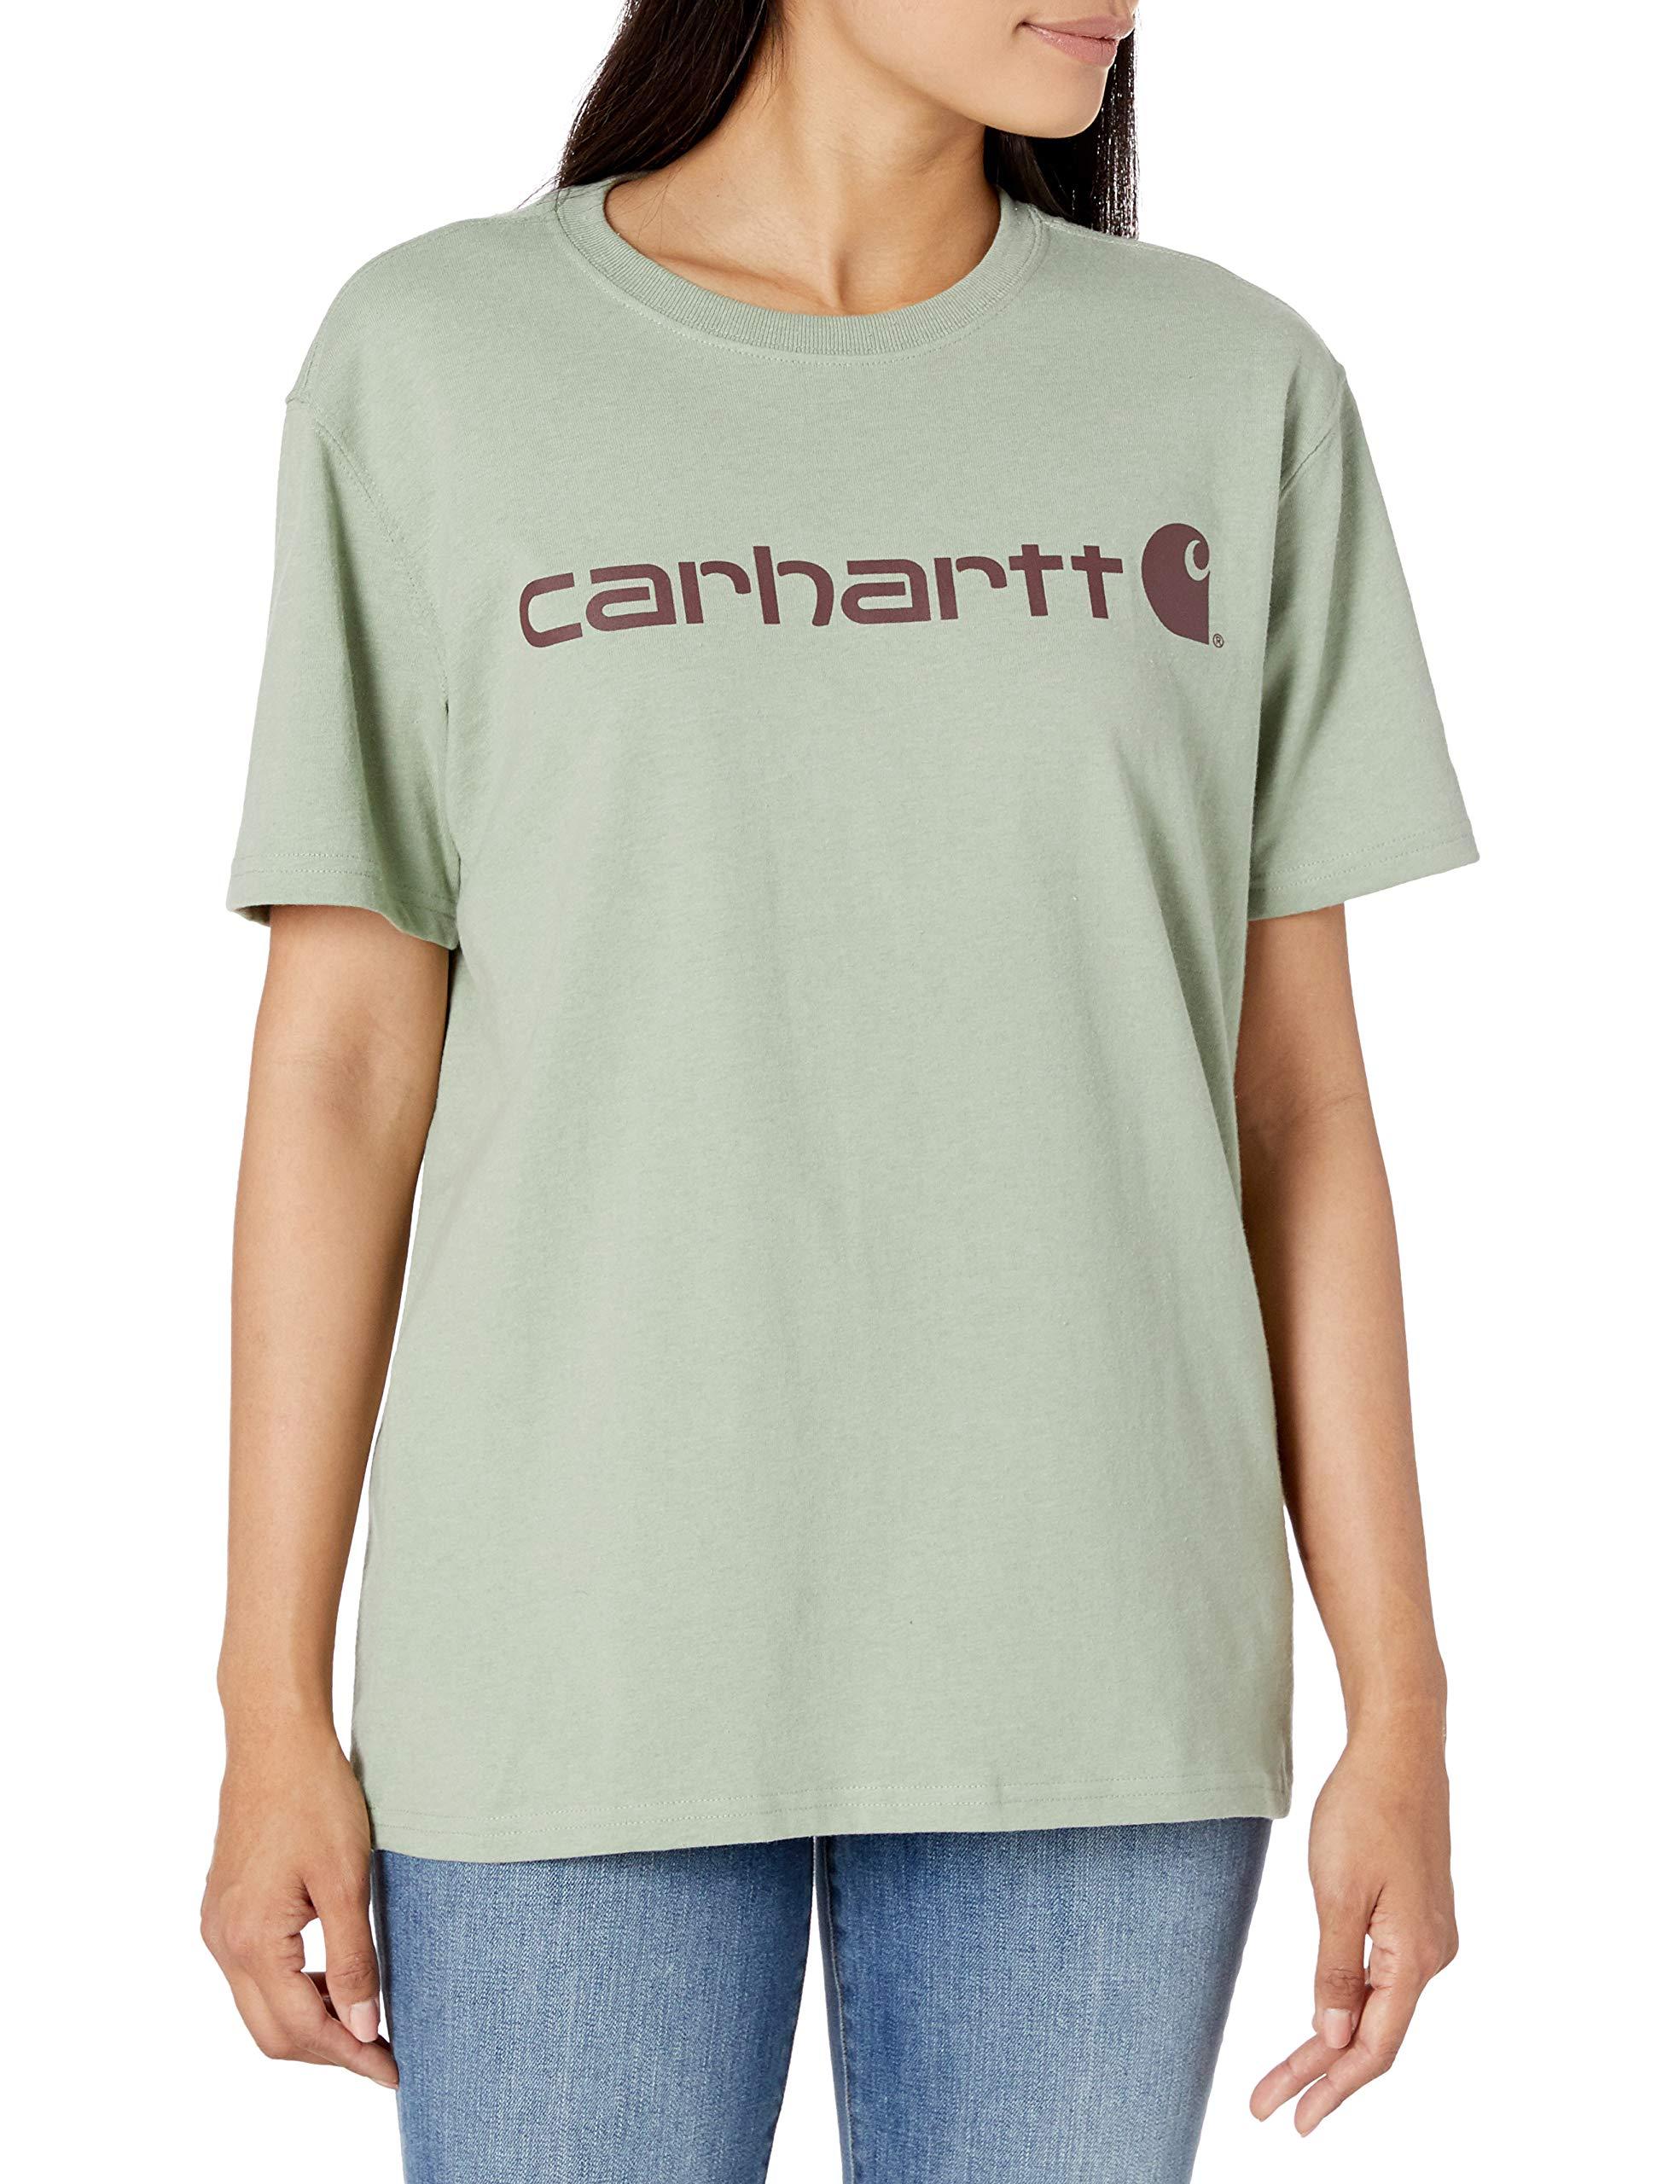 Carhartt Women's Regular Wk195 Workwear Logo Short T-Shirt